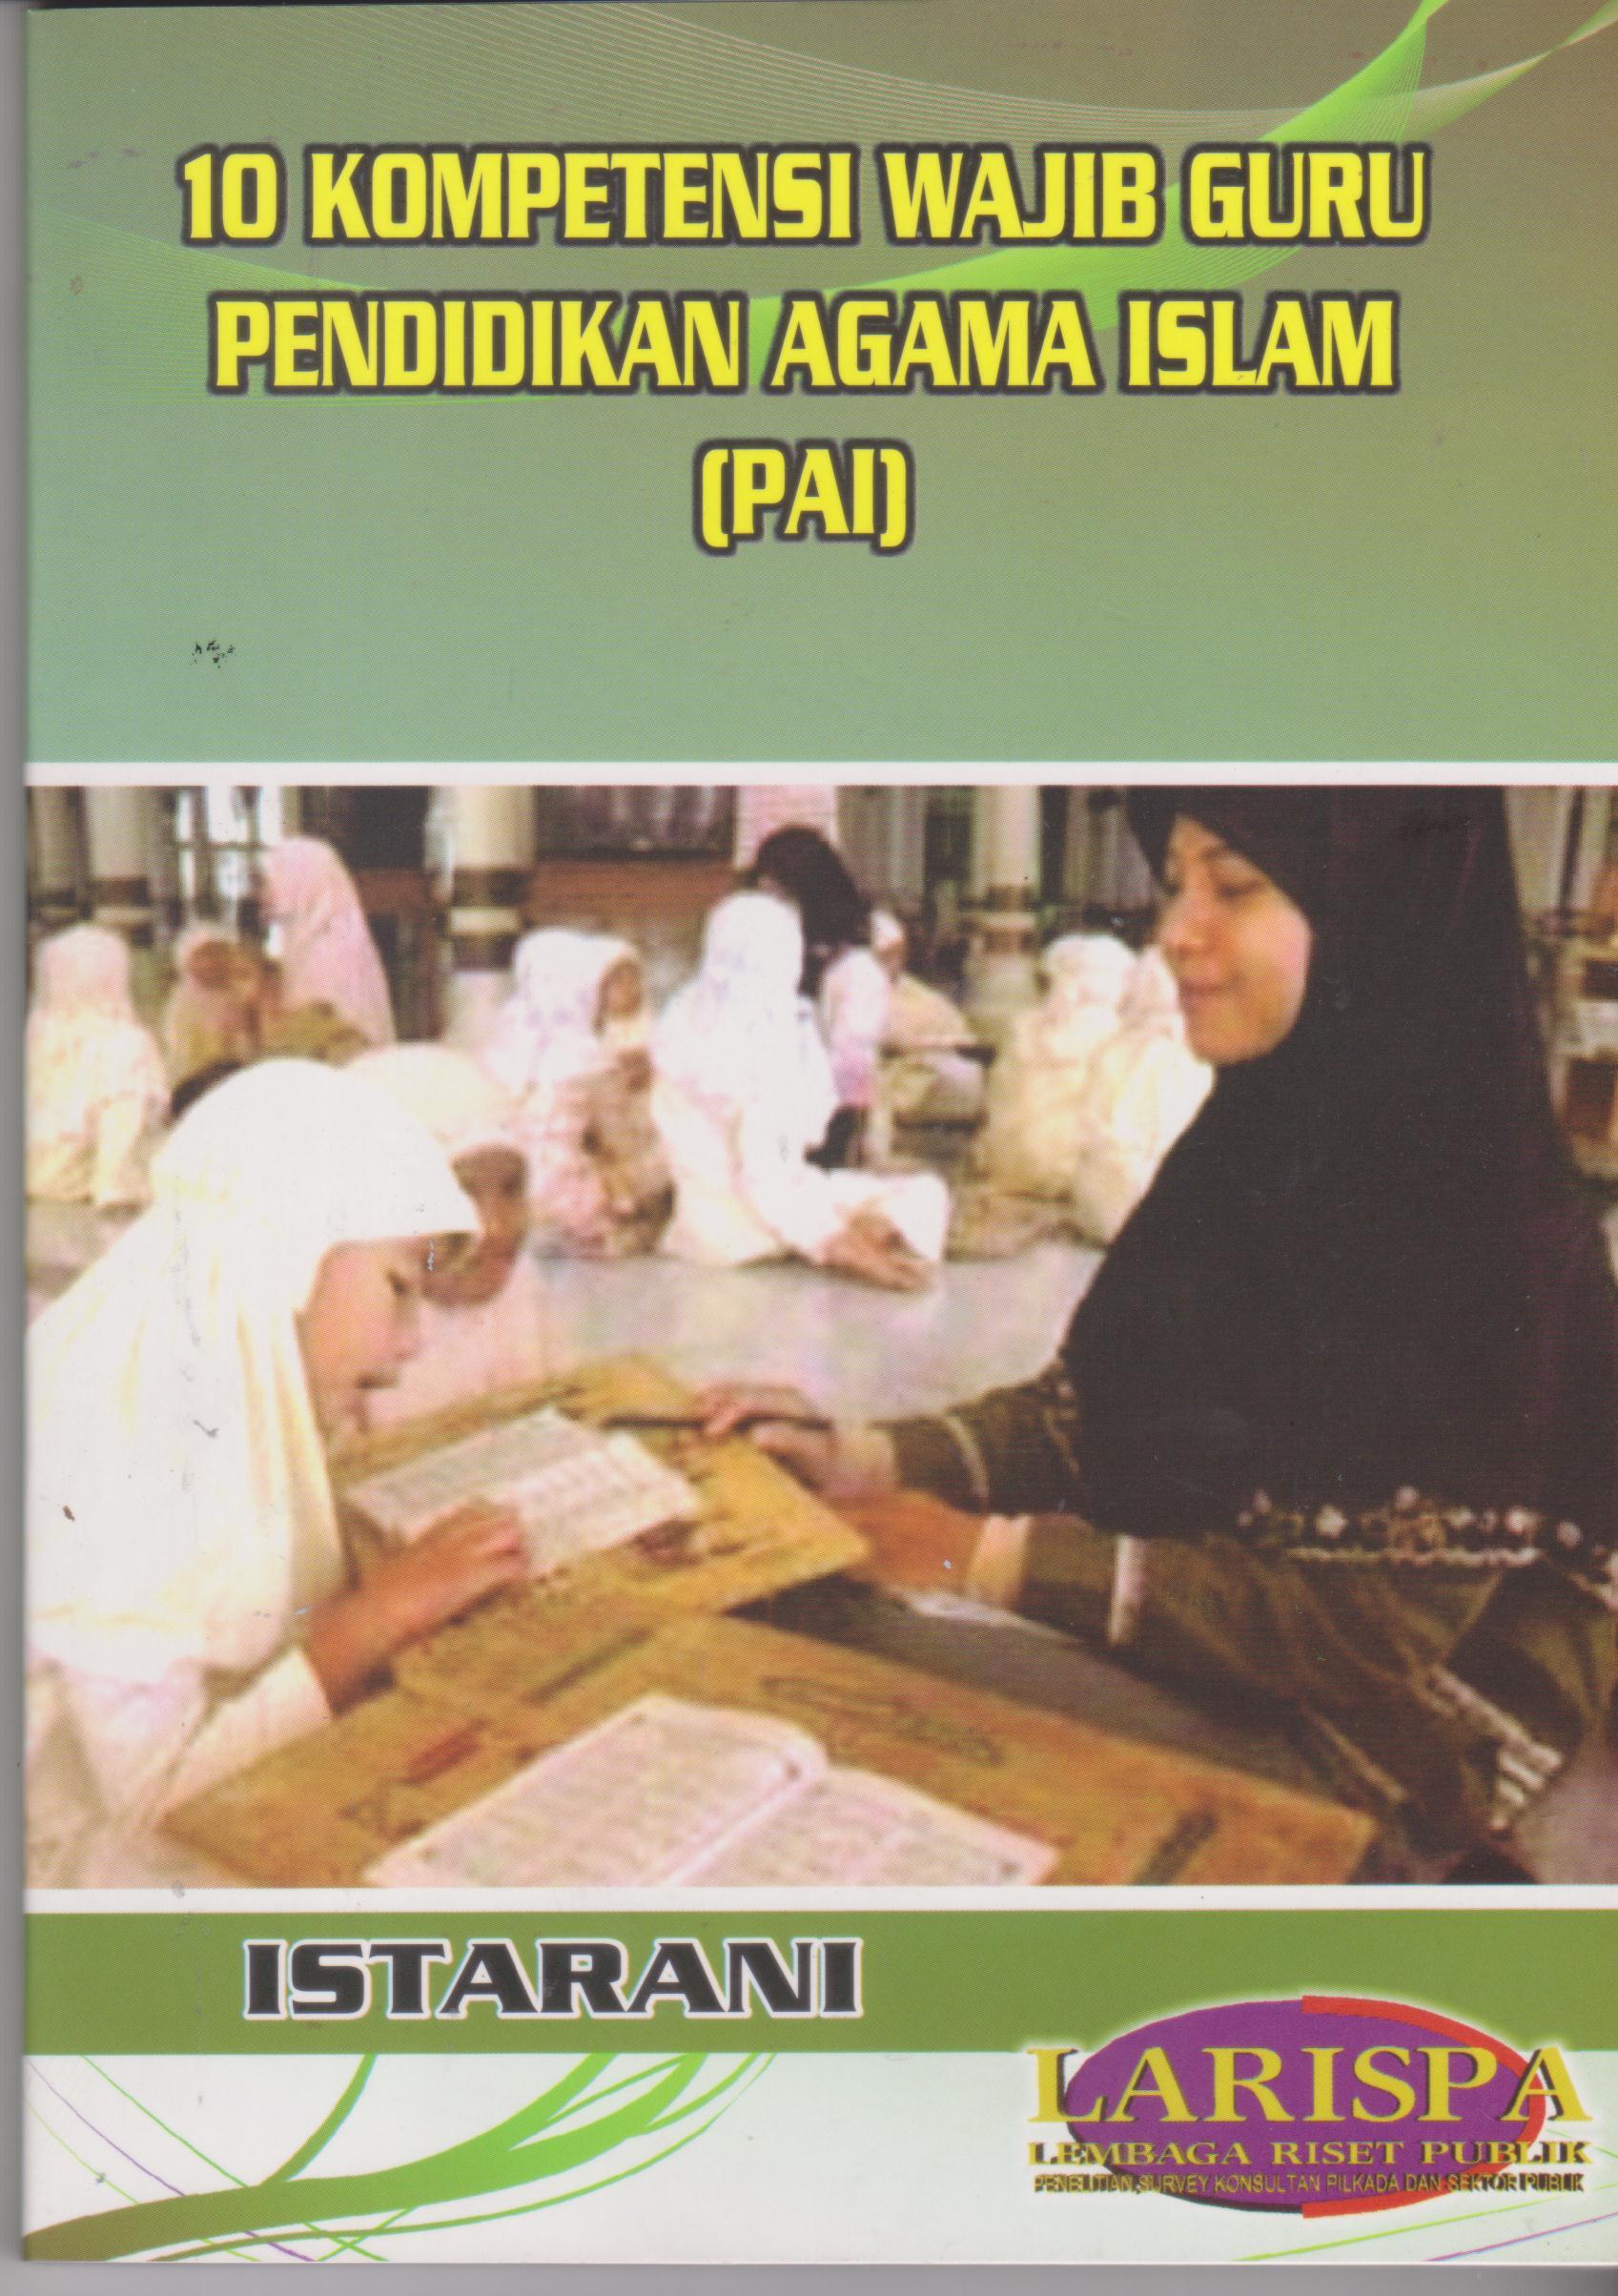 10 KOMPETENSI WAJIB GURU PENDIDIKAN AGAMA ISLAM (PAI)